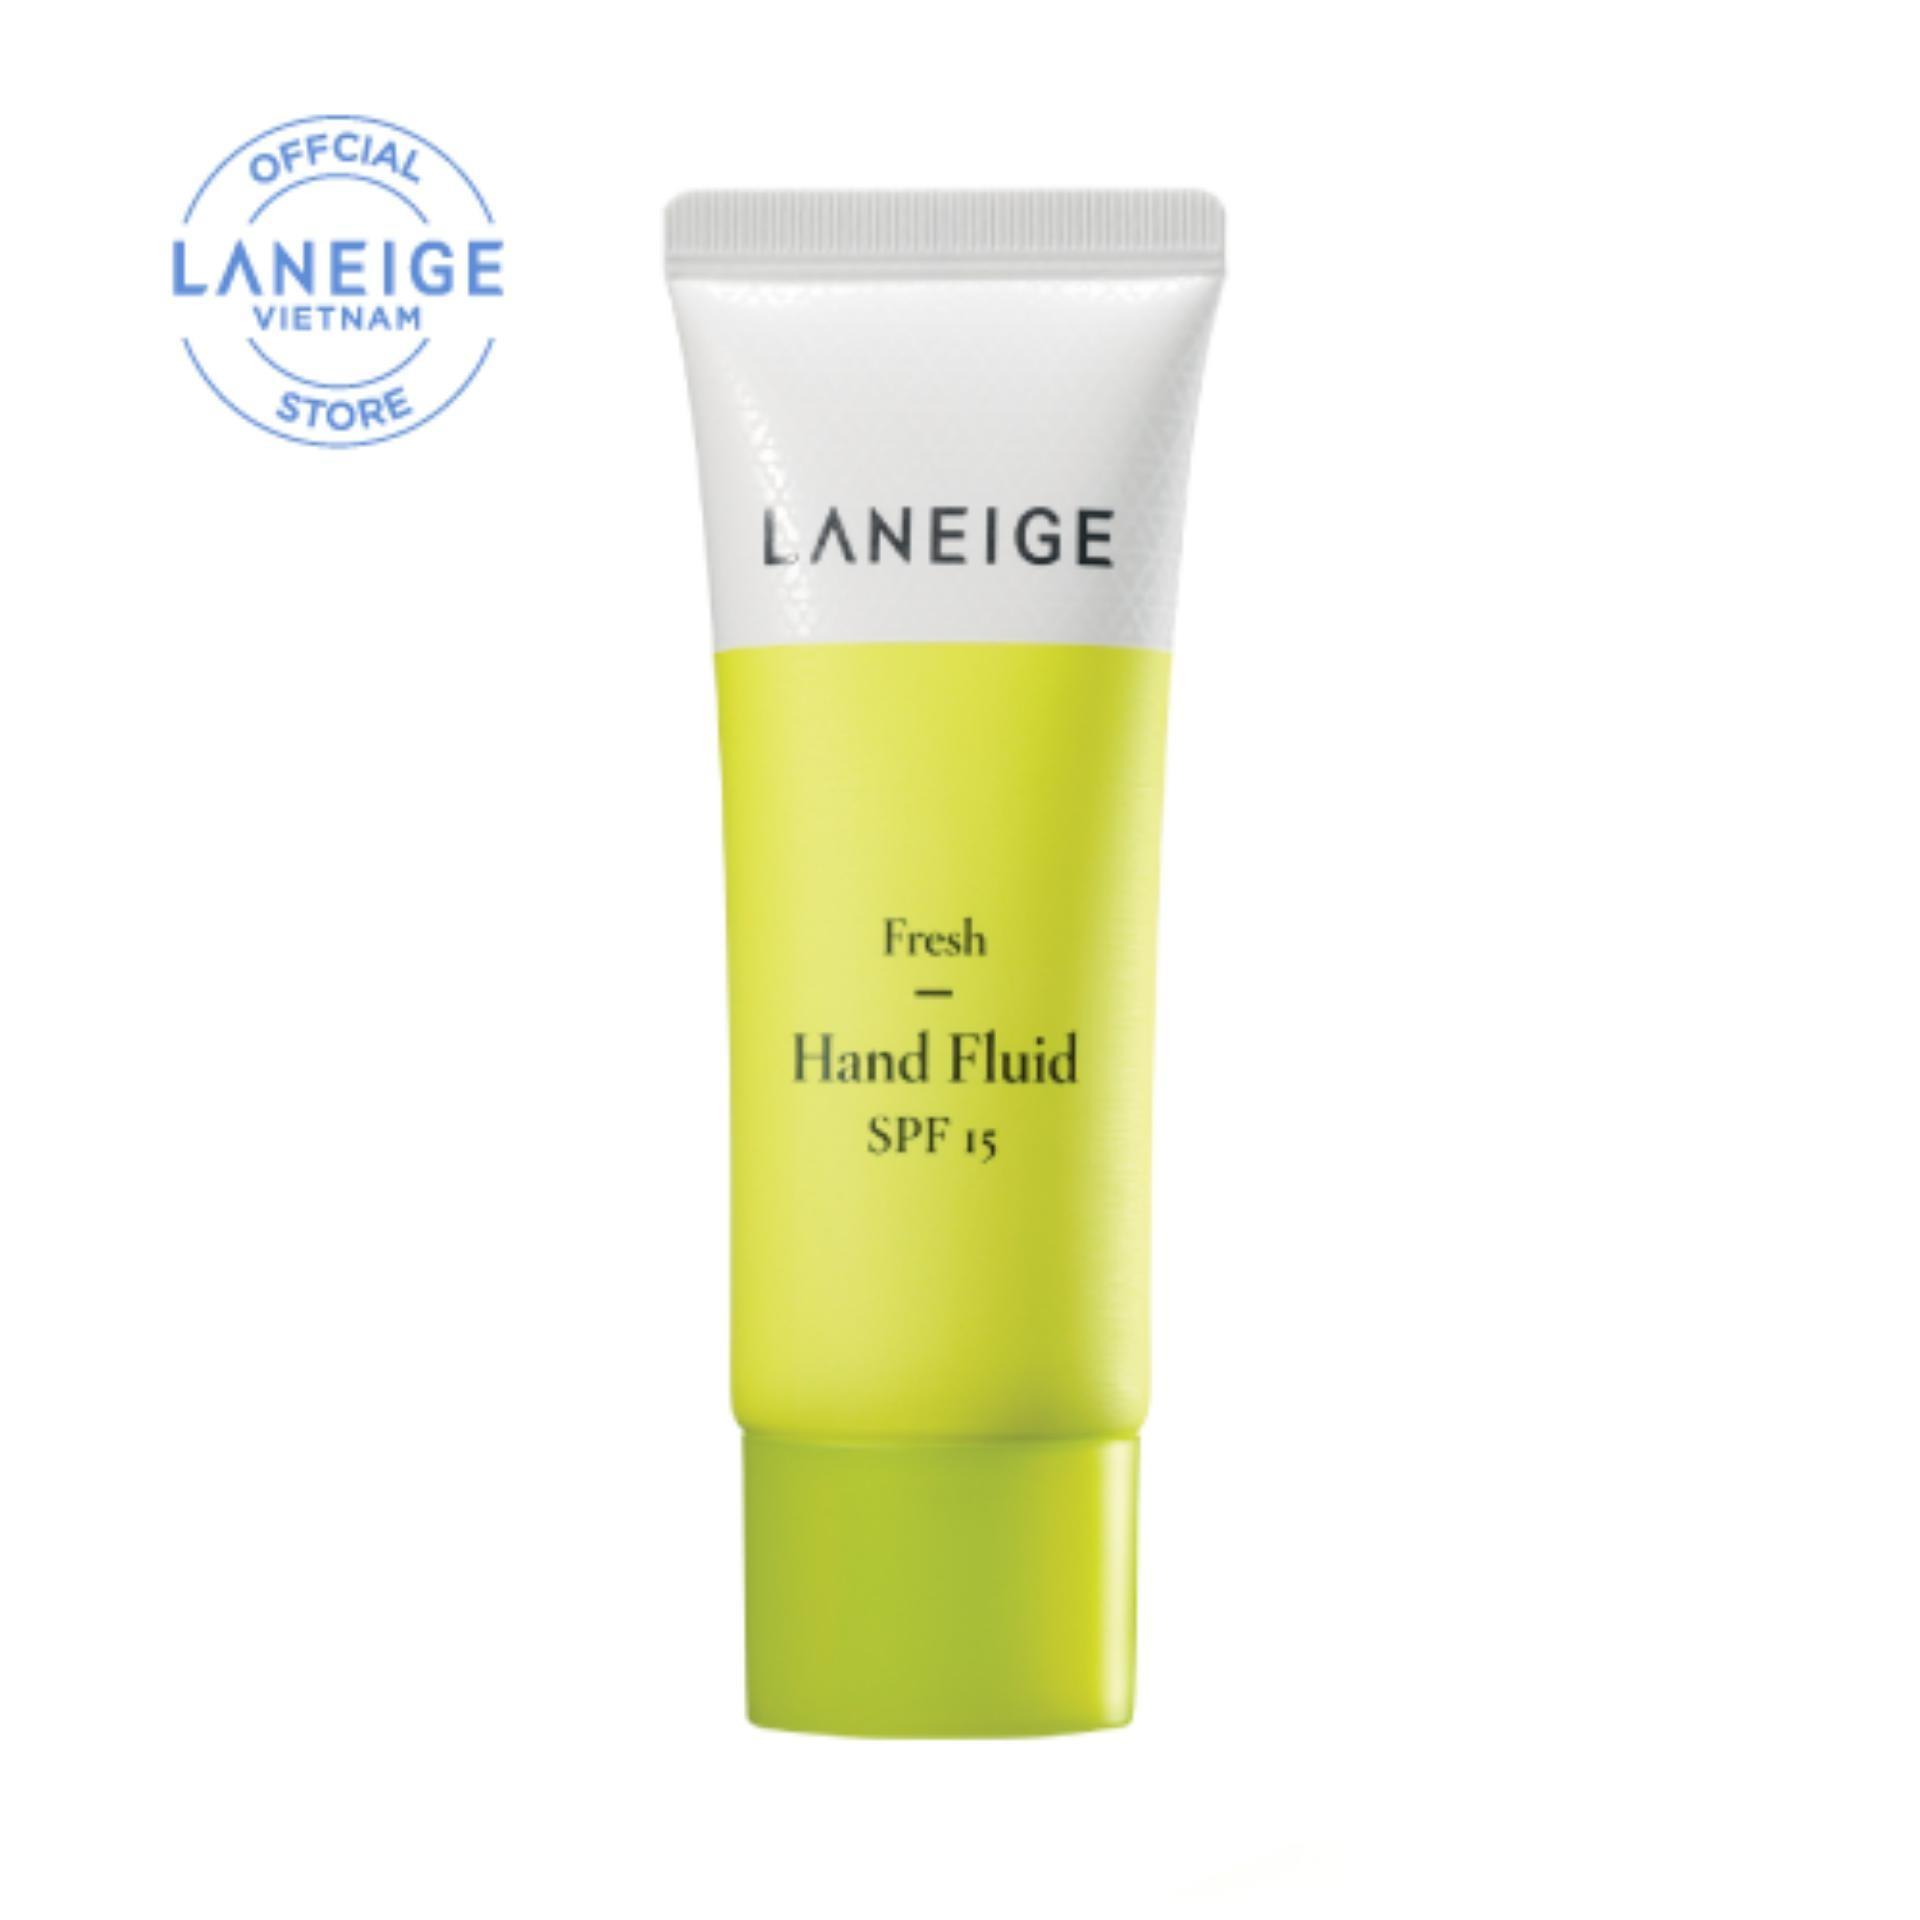 Kem dưỡng dịu mát da tay dạng lỏng Laneige Fresh Hand Fluid SPF15 40ml chính hãng